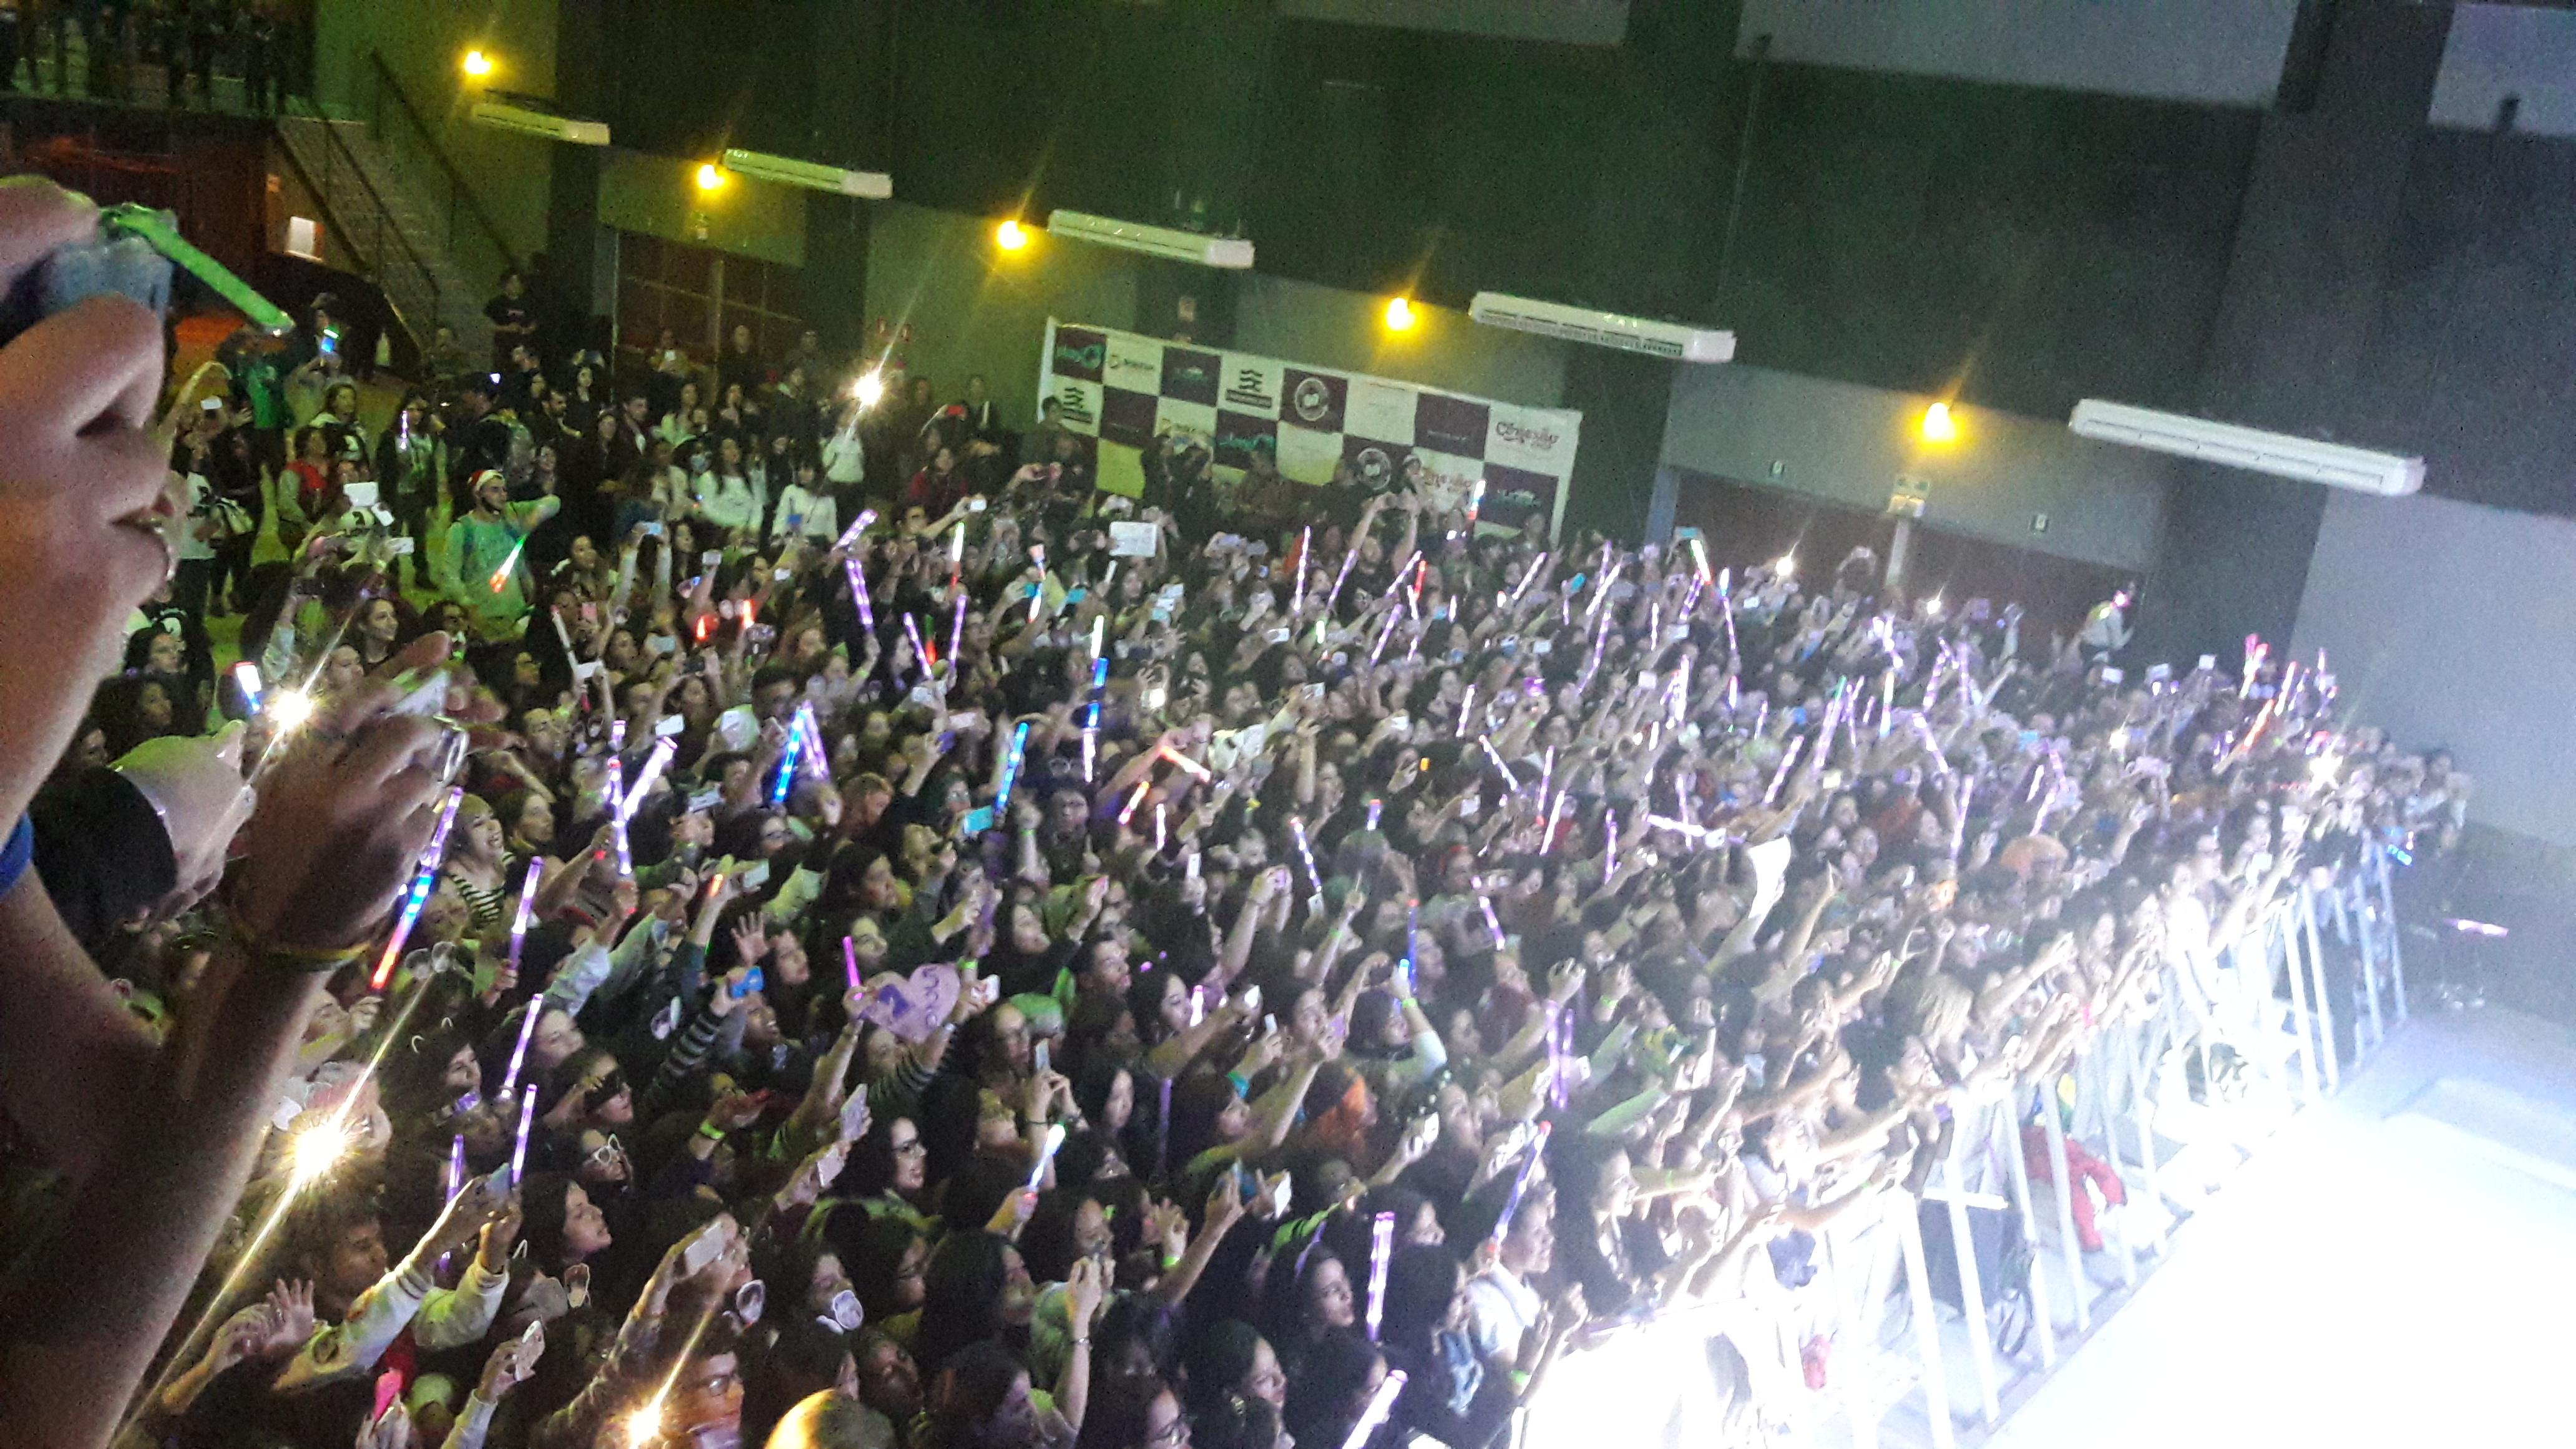 Confira o incrível Fanmeeting que o grupo UNIQ fez em São Paulo